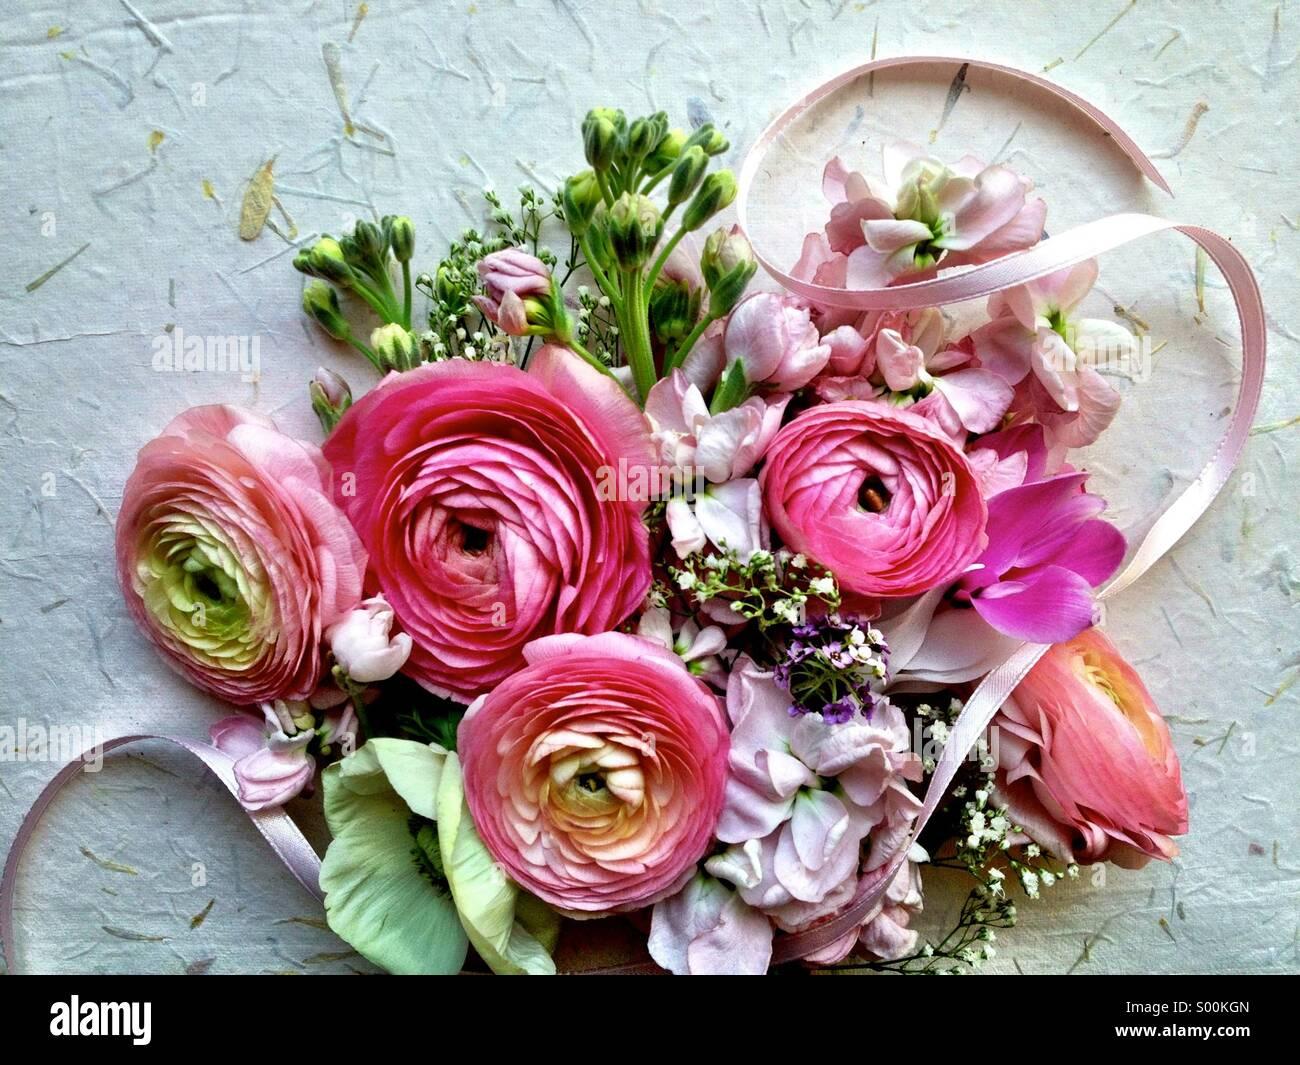 Gemischt Pastell Frühlingsblumen Stockbild